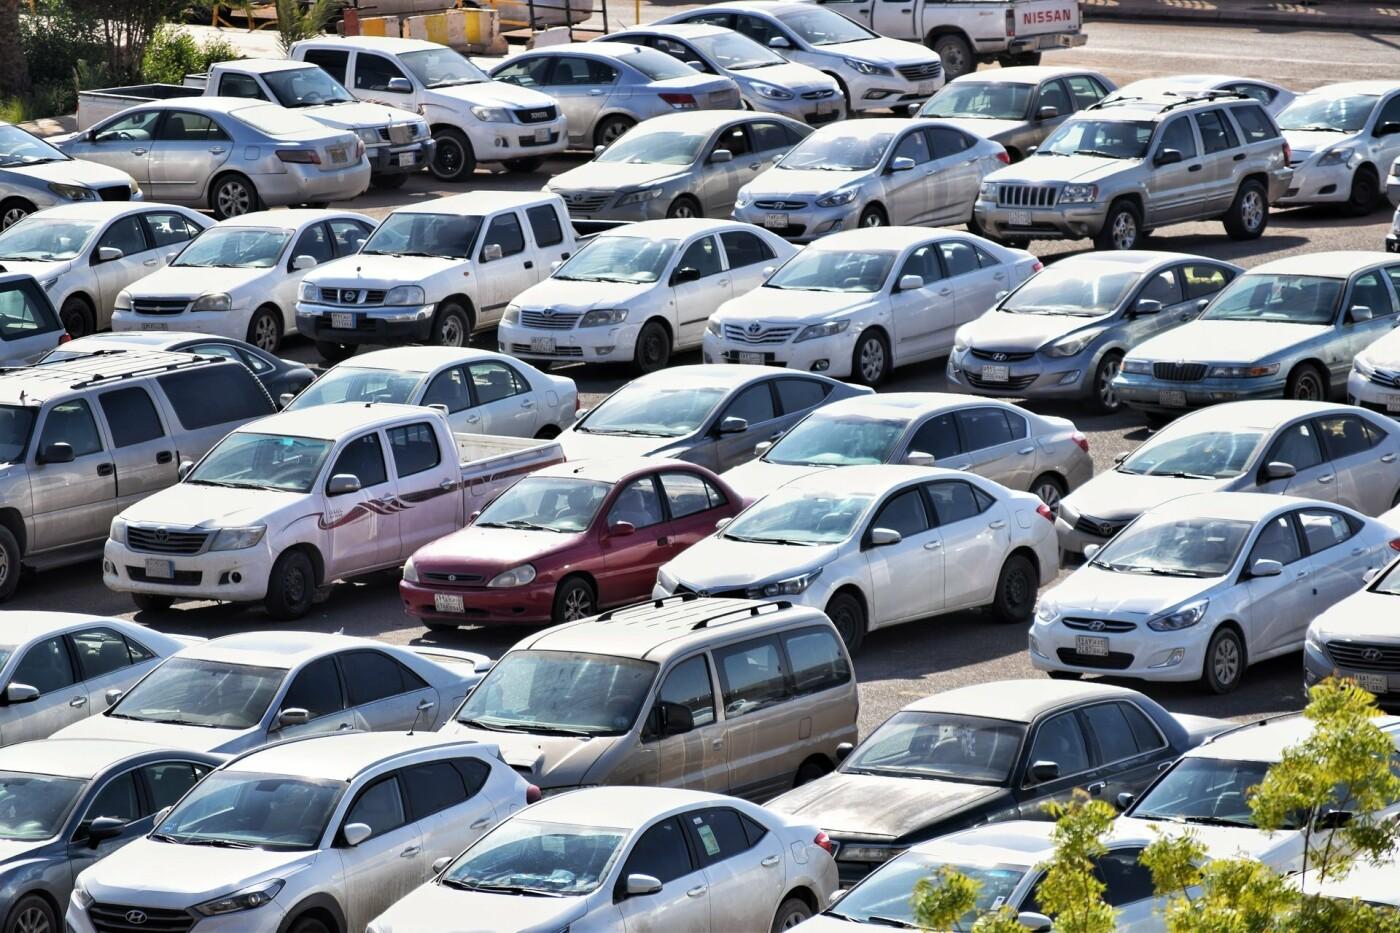 Купить авто б/у Киев: где найти и как выбрать машину в столице, Фото: Haidan